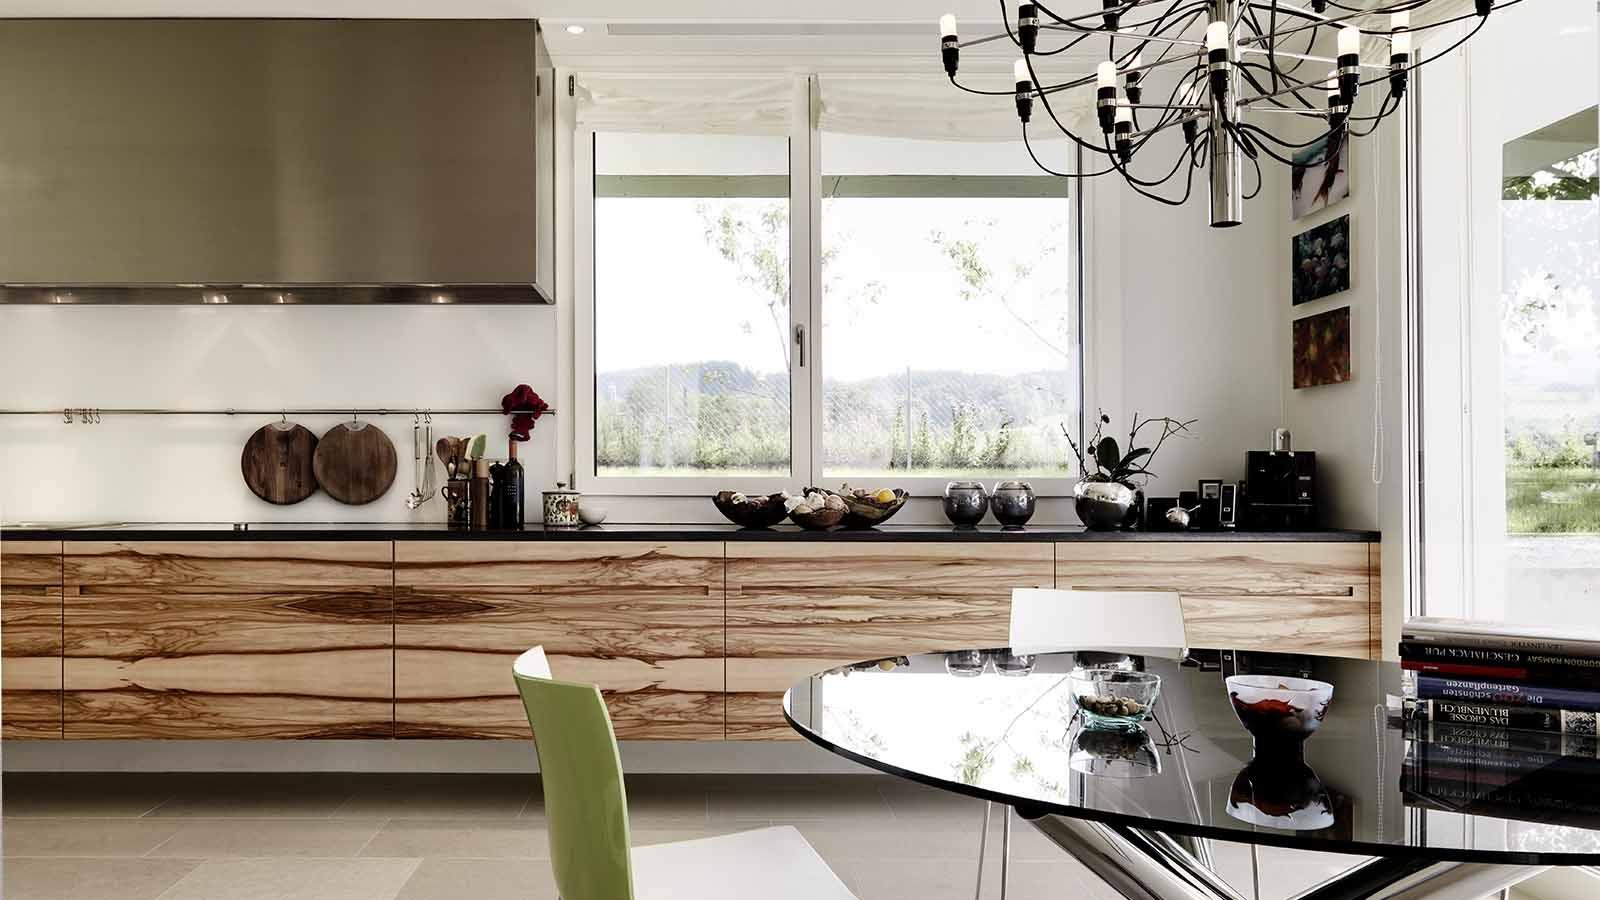 Schön Küche Und Bad Showroom Lange Insel Fotos - Küche Set Ideen ...